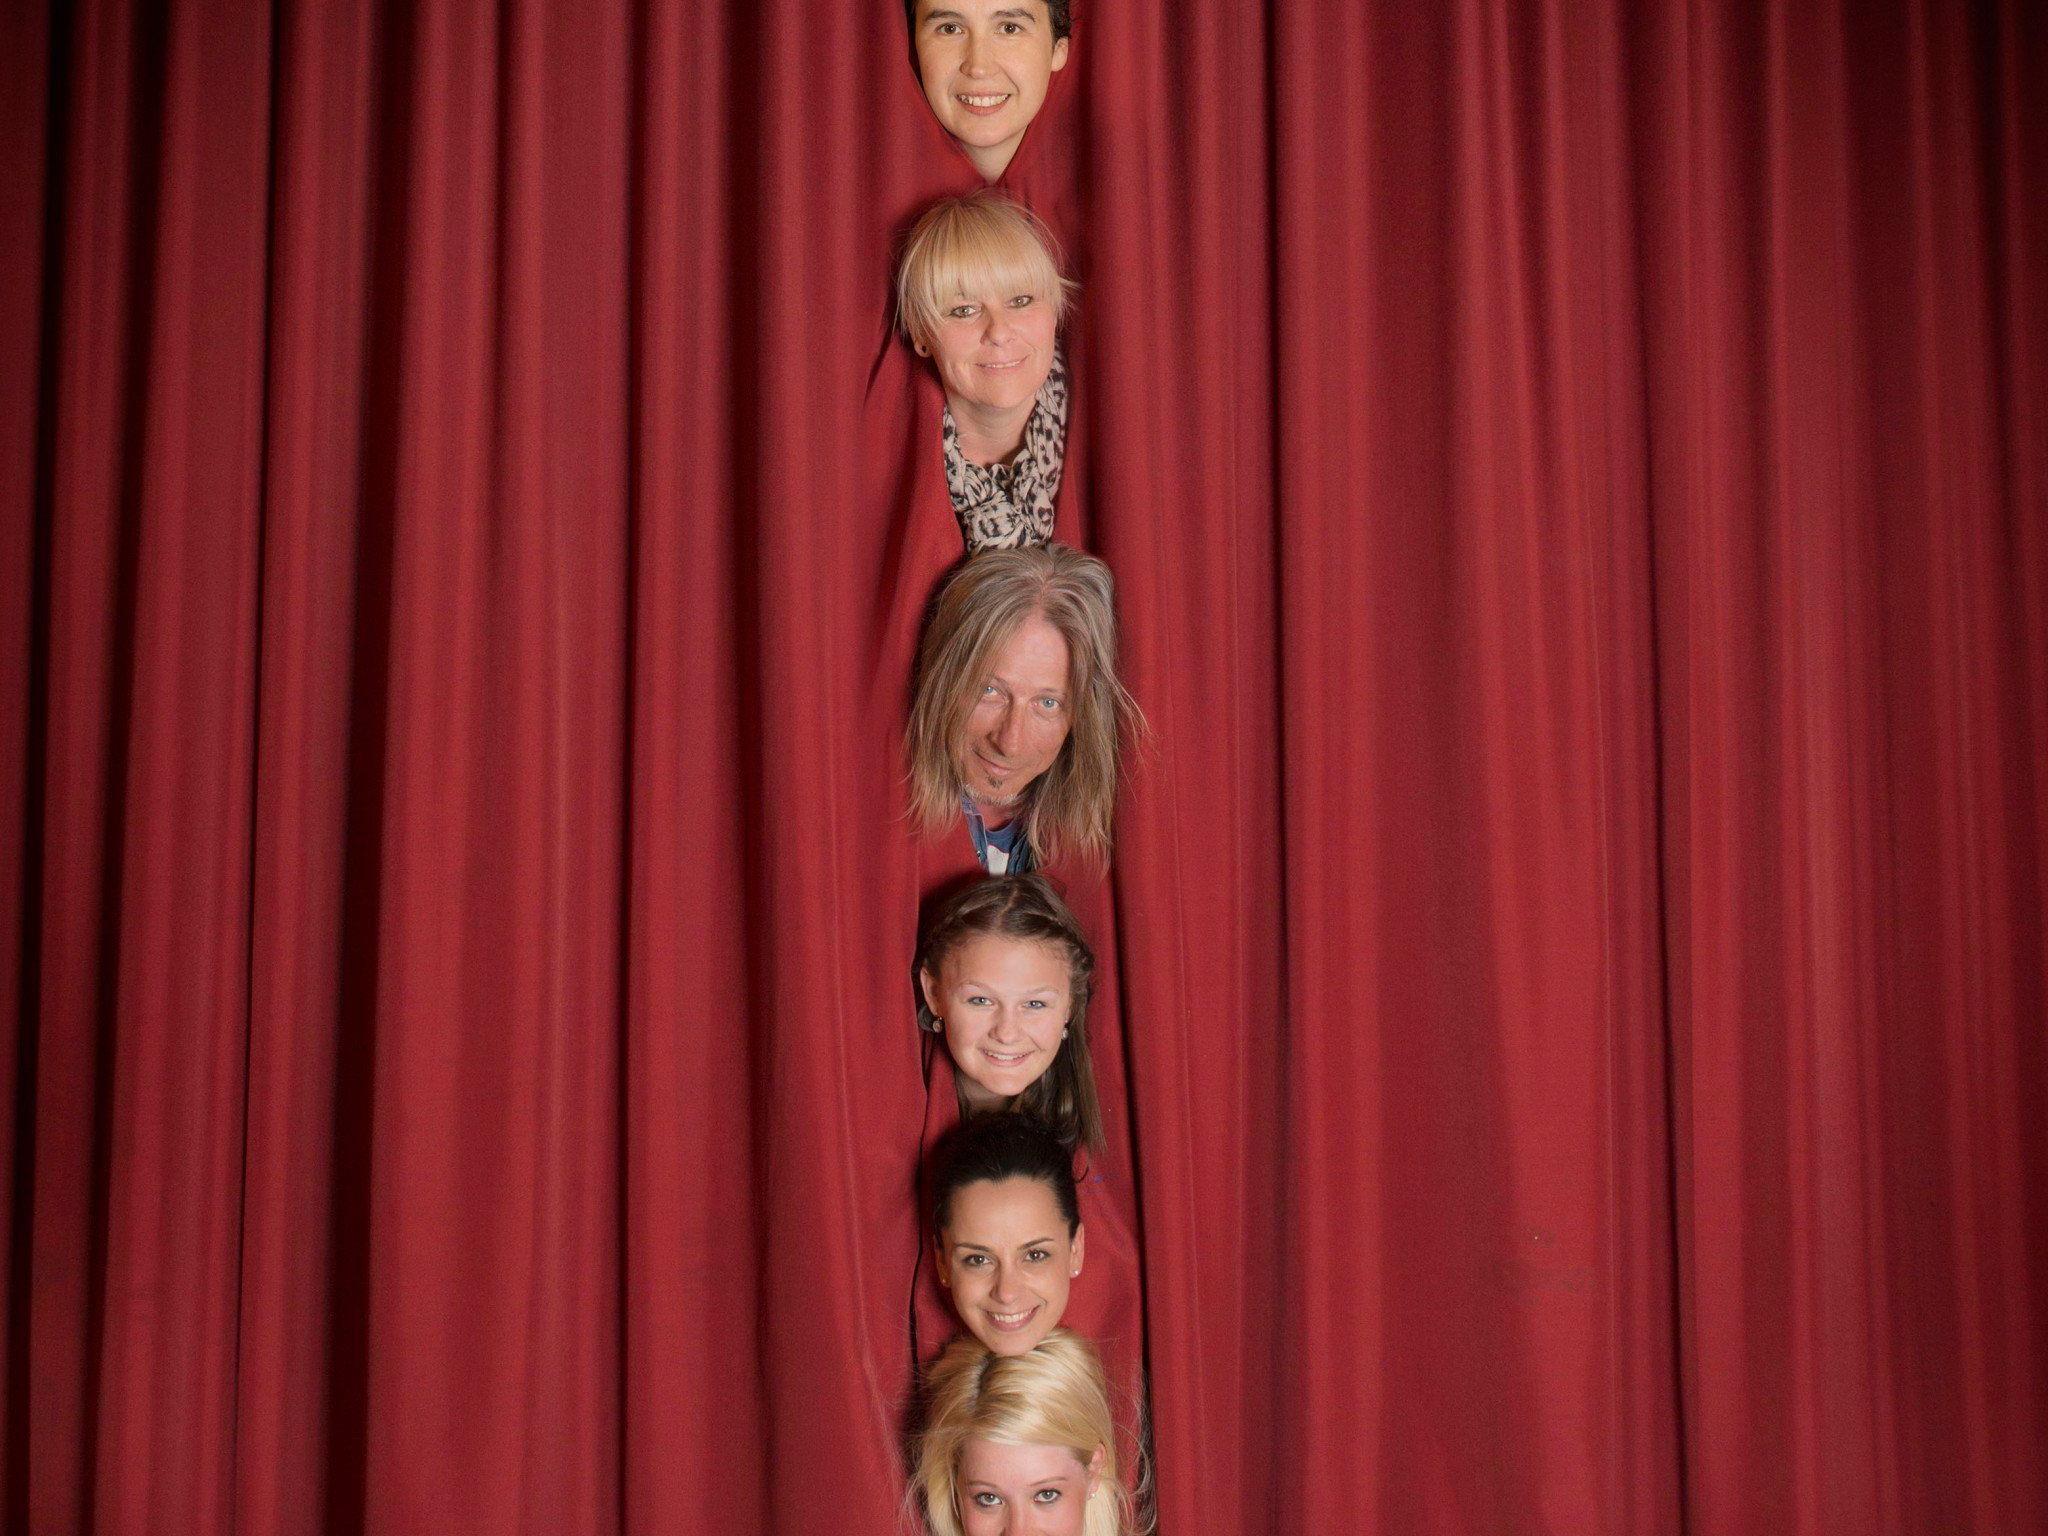 Die neuen Talente treten am kommenden Samstag den 26.4. zum ersten Mal vor den Vorhang auf der Kulturbühne Schruns.